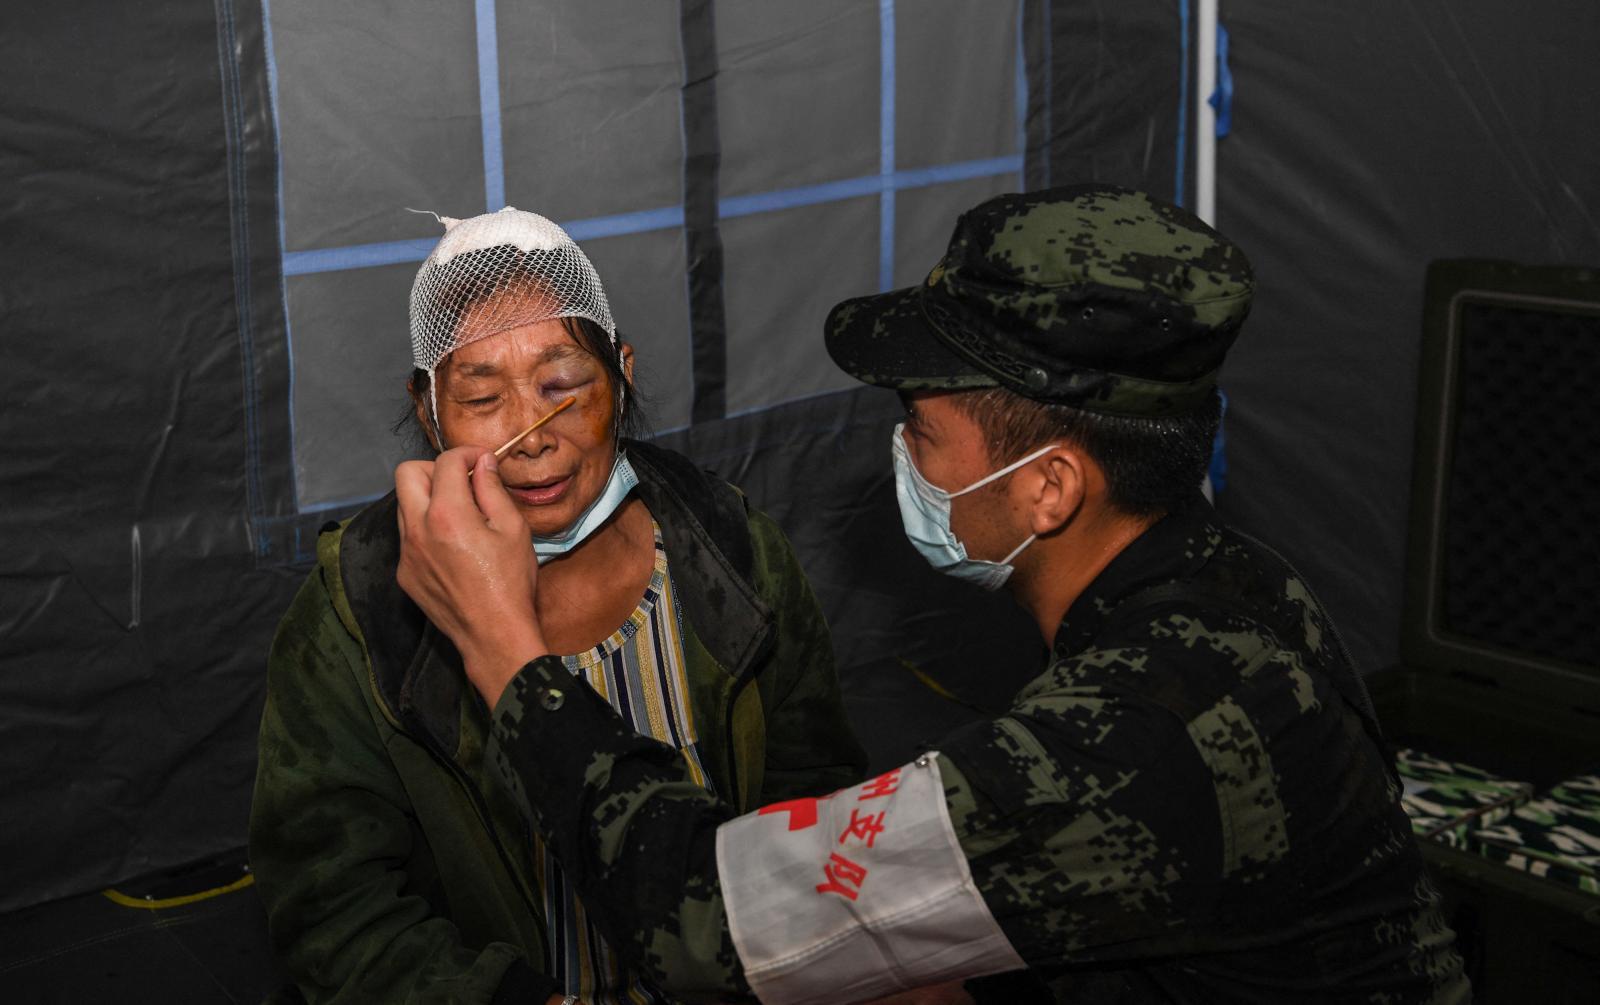 แผ่นดินไหว 5.4 เขย่ามณฑลเสฉวนของจีน เสียชีวิต 3 คน บาดเจ็บ 60 คน